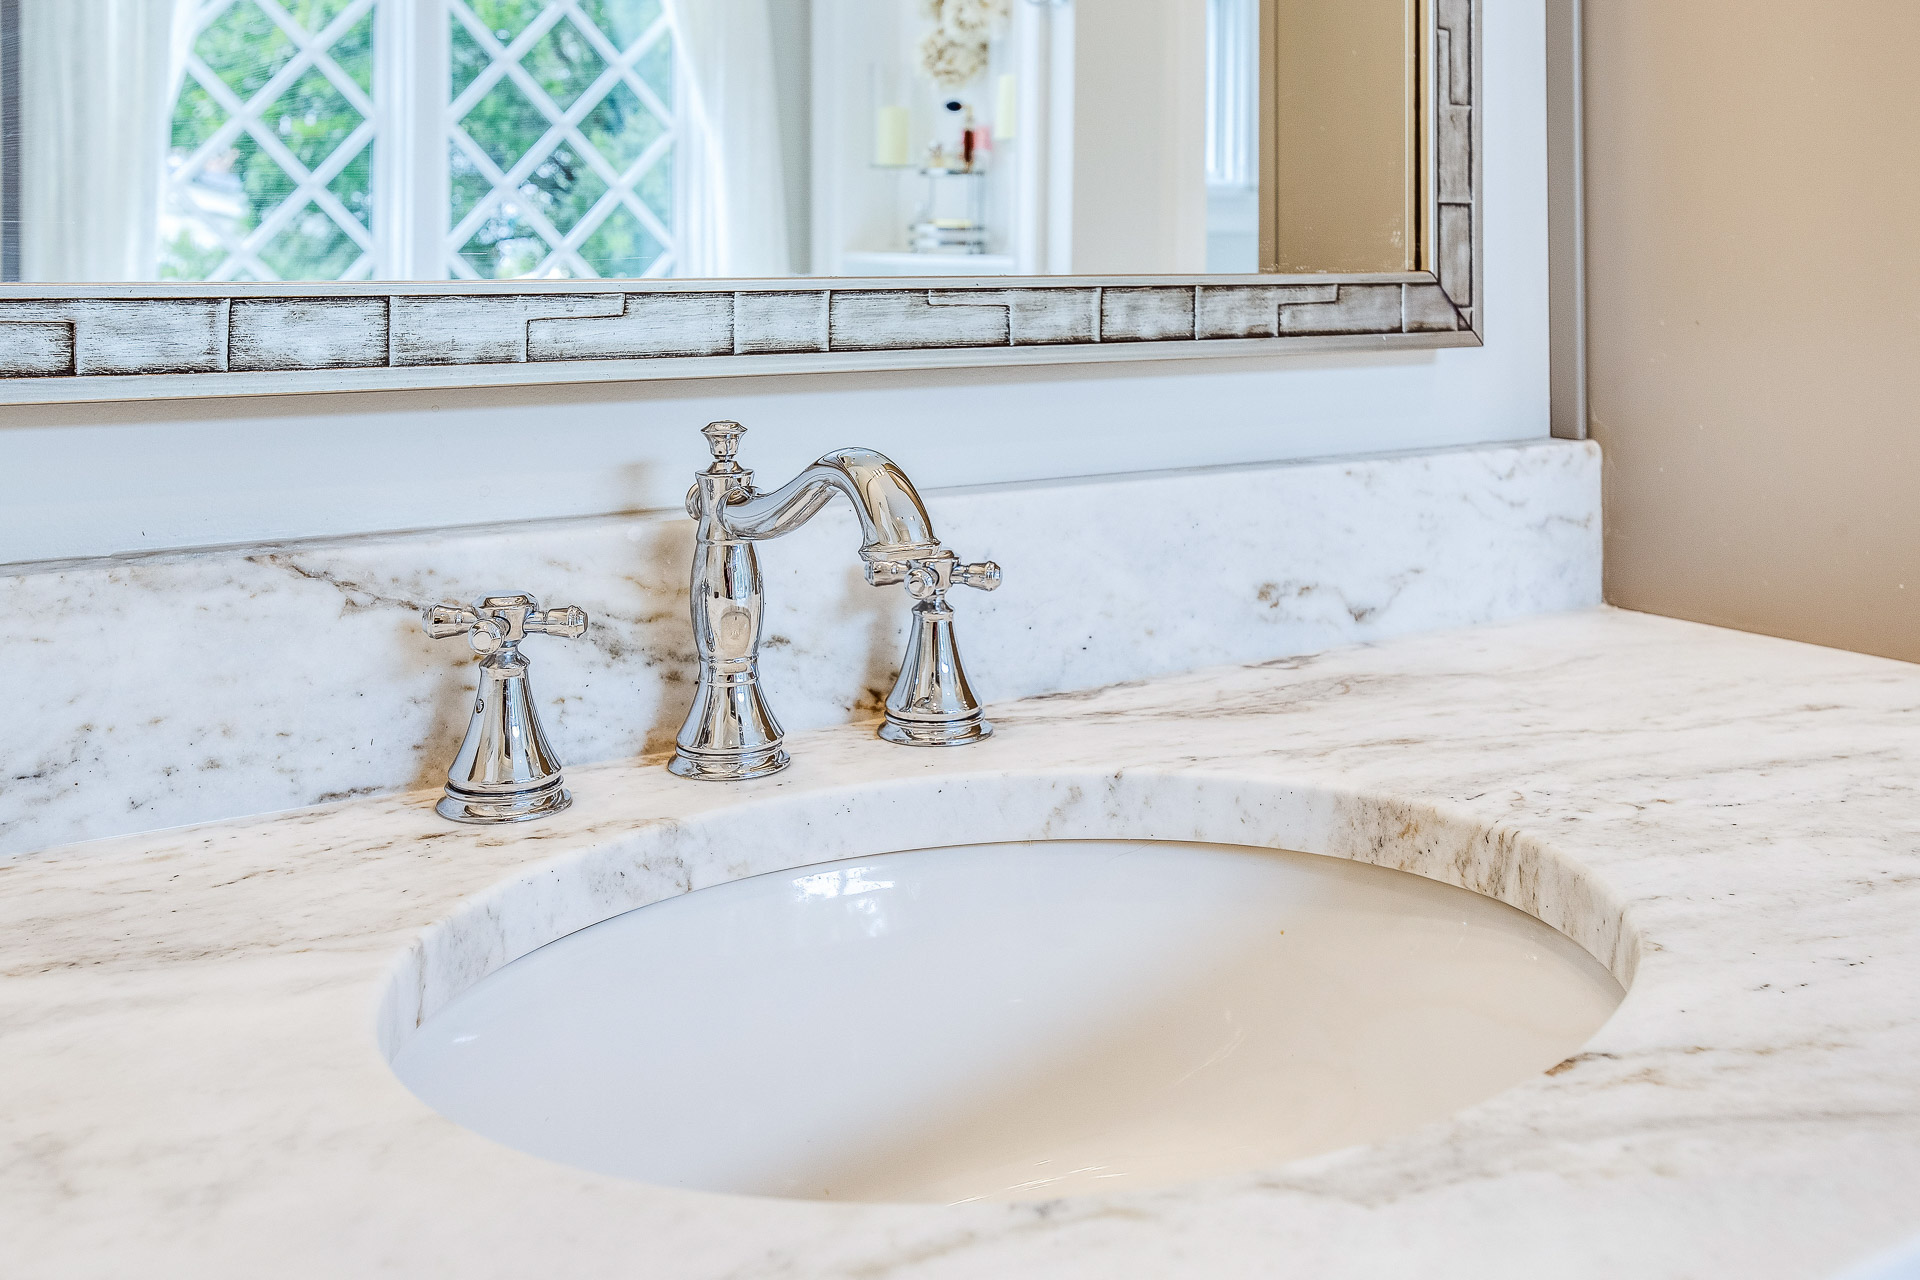 Castro White marble countertops on the bathroom vanity.